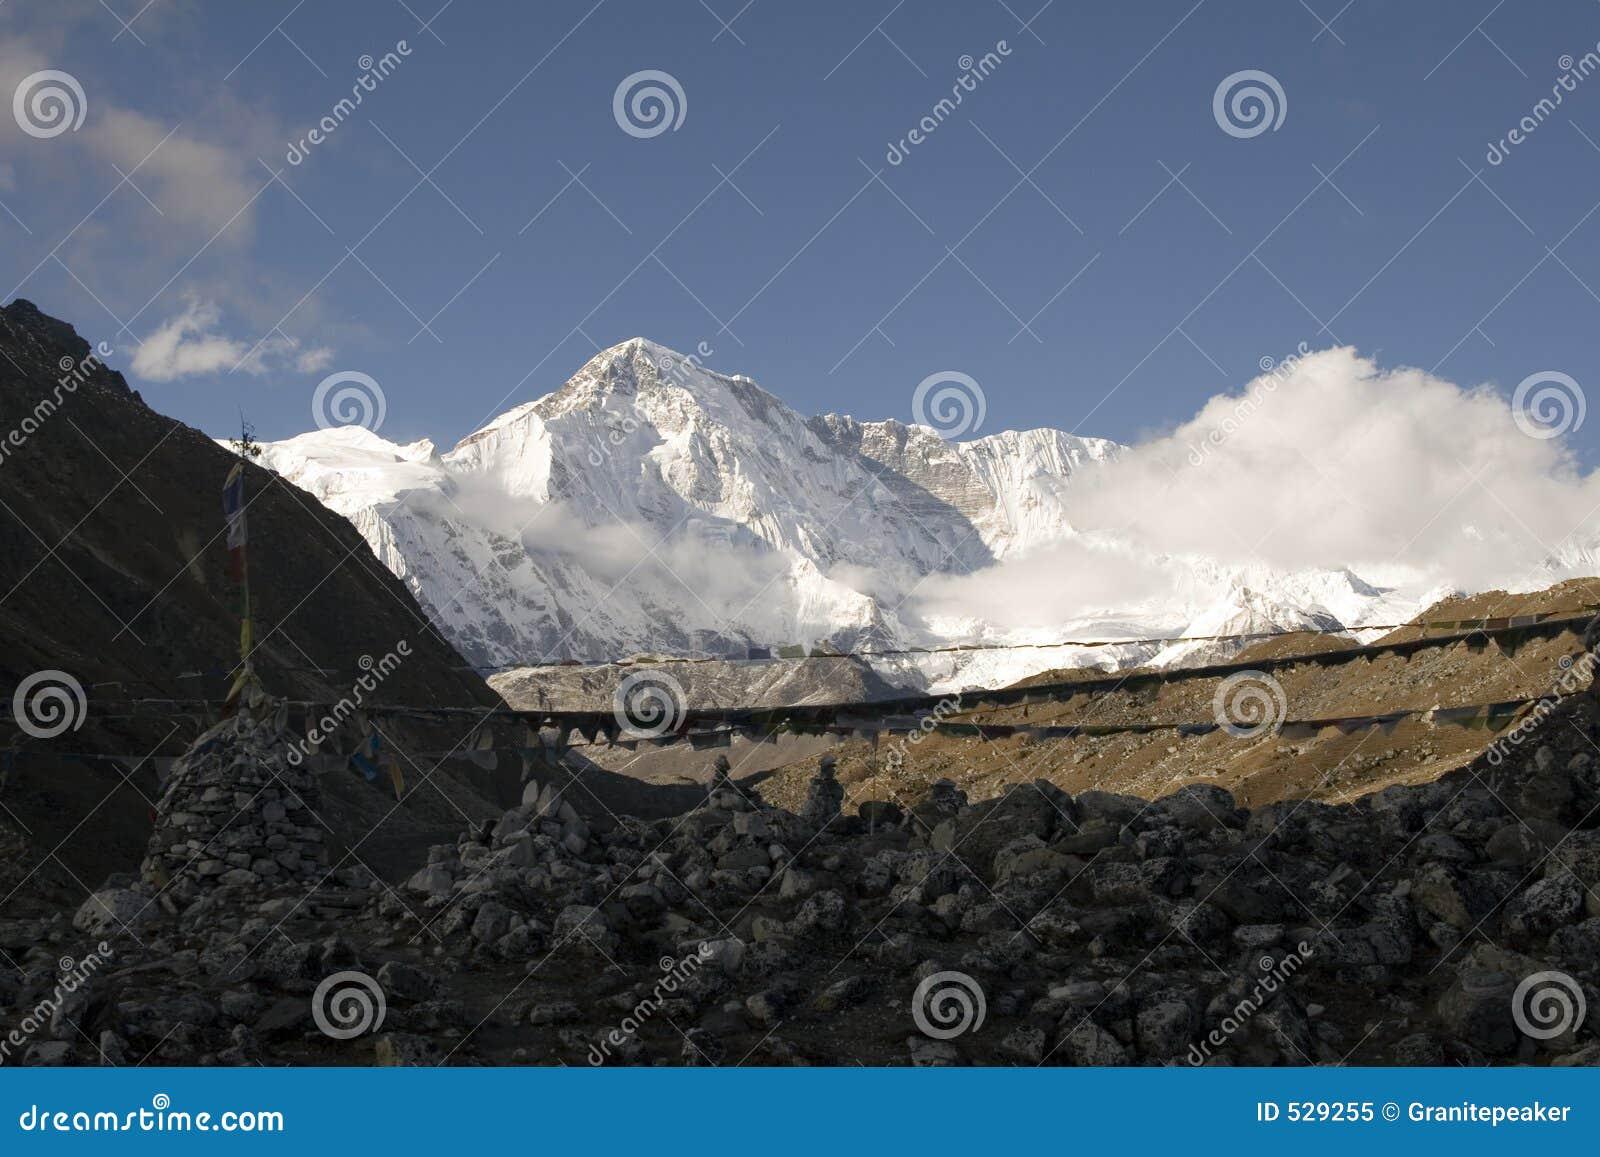 Download Cho挂接尼泊尔oyu 库存图片. 图片 包括有 喜马拉雅山, 远征, 户外, 山顶, 祷告, 标志, 登山 - 529255